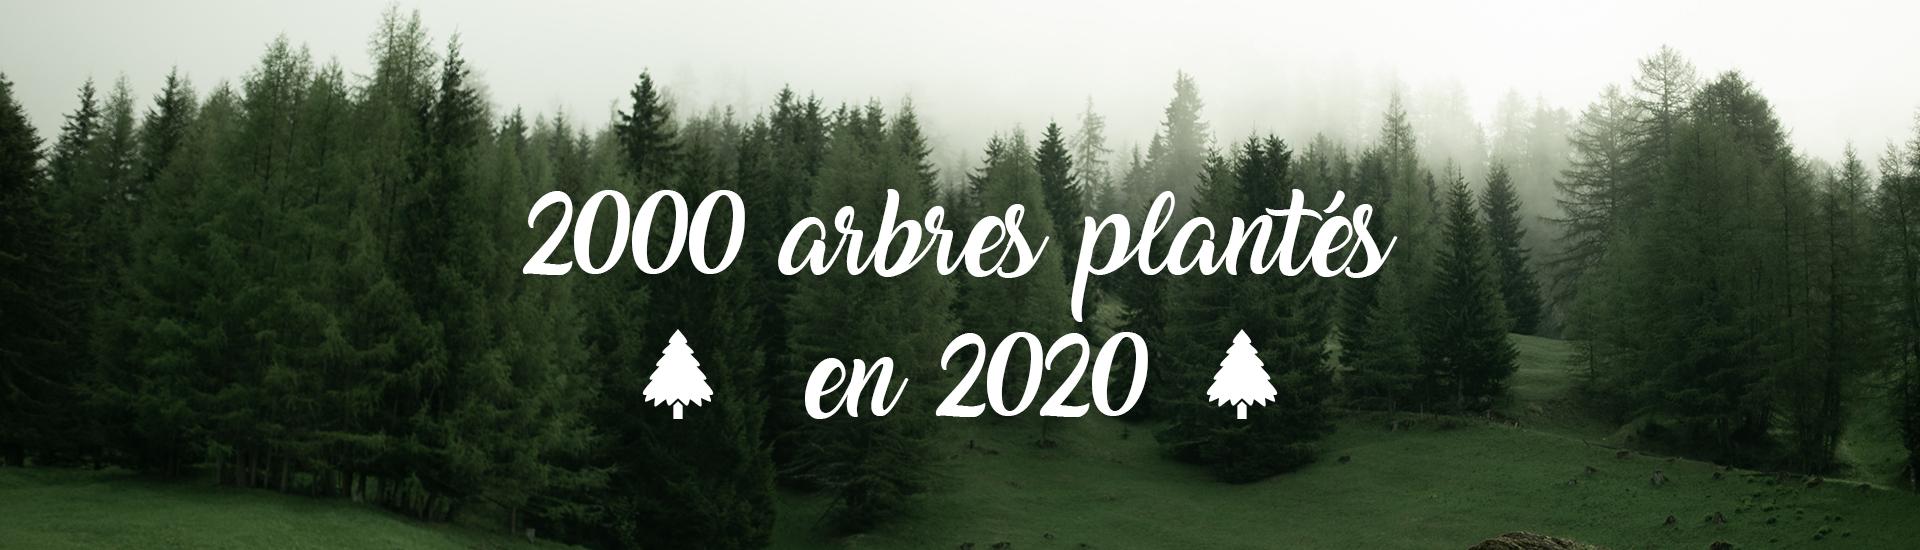 2000 arbres plantés par Denantes en 2020